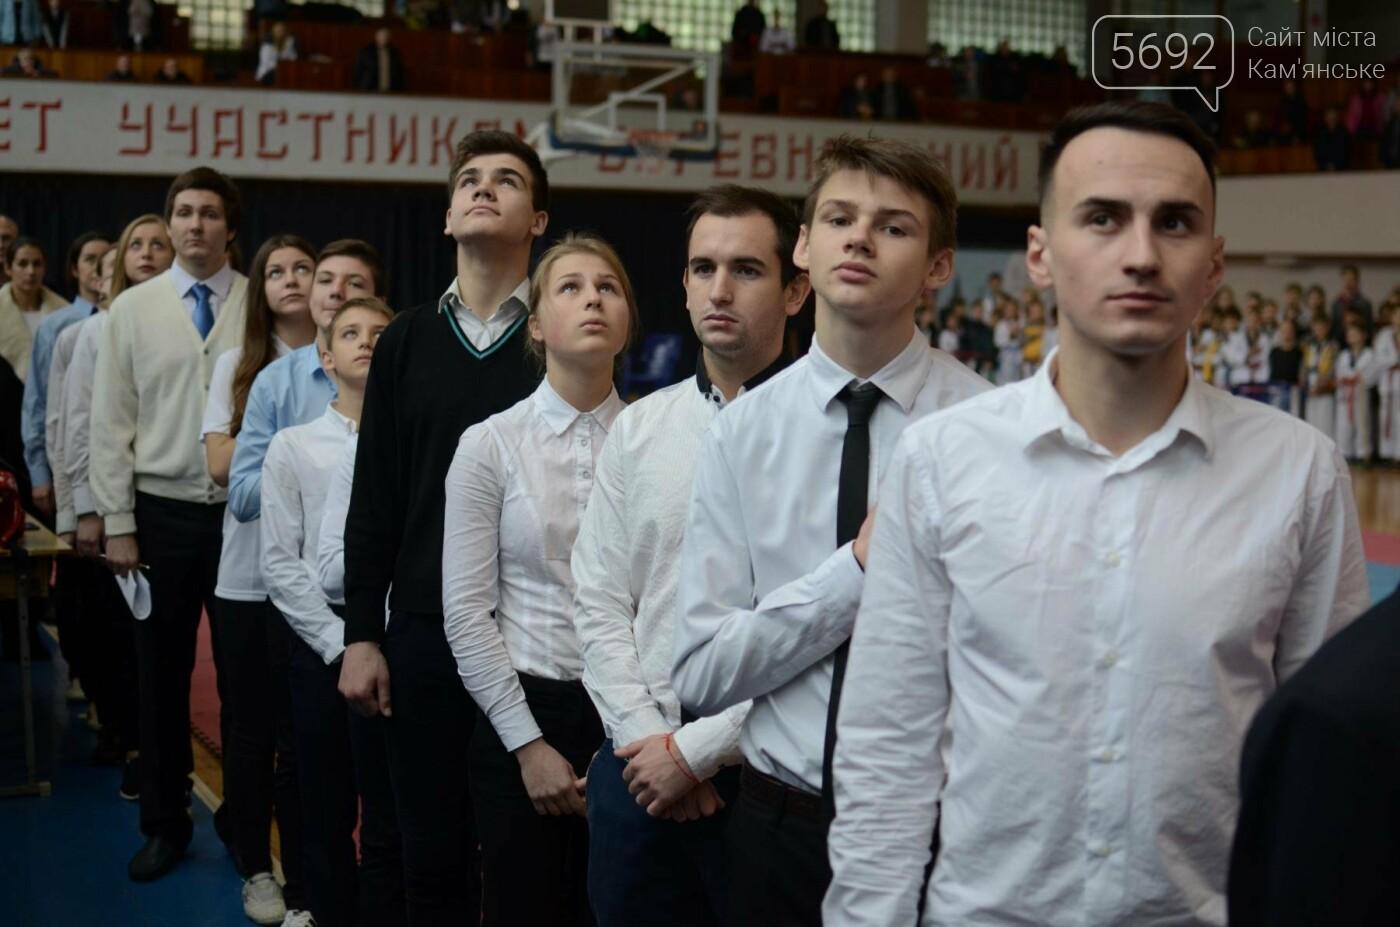 В Каменском стартовал чемпионат Днепропетровщины по тхеквондо, фото-1